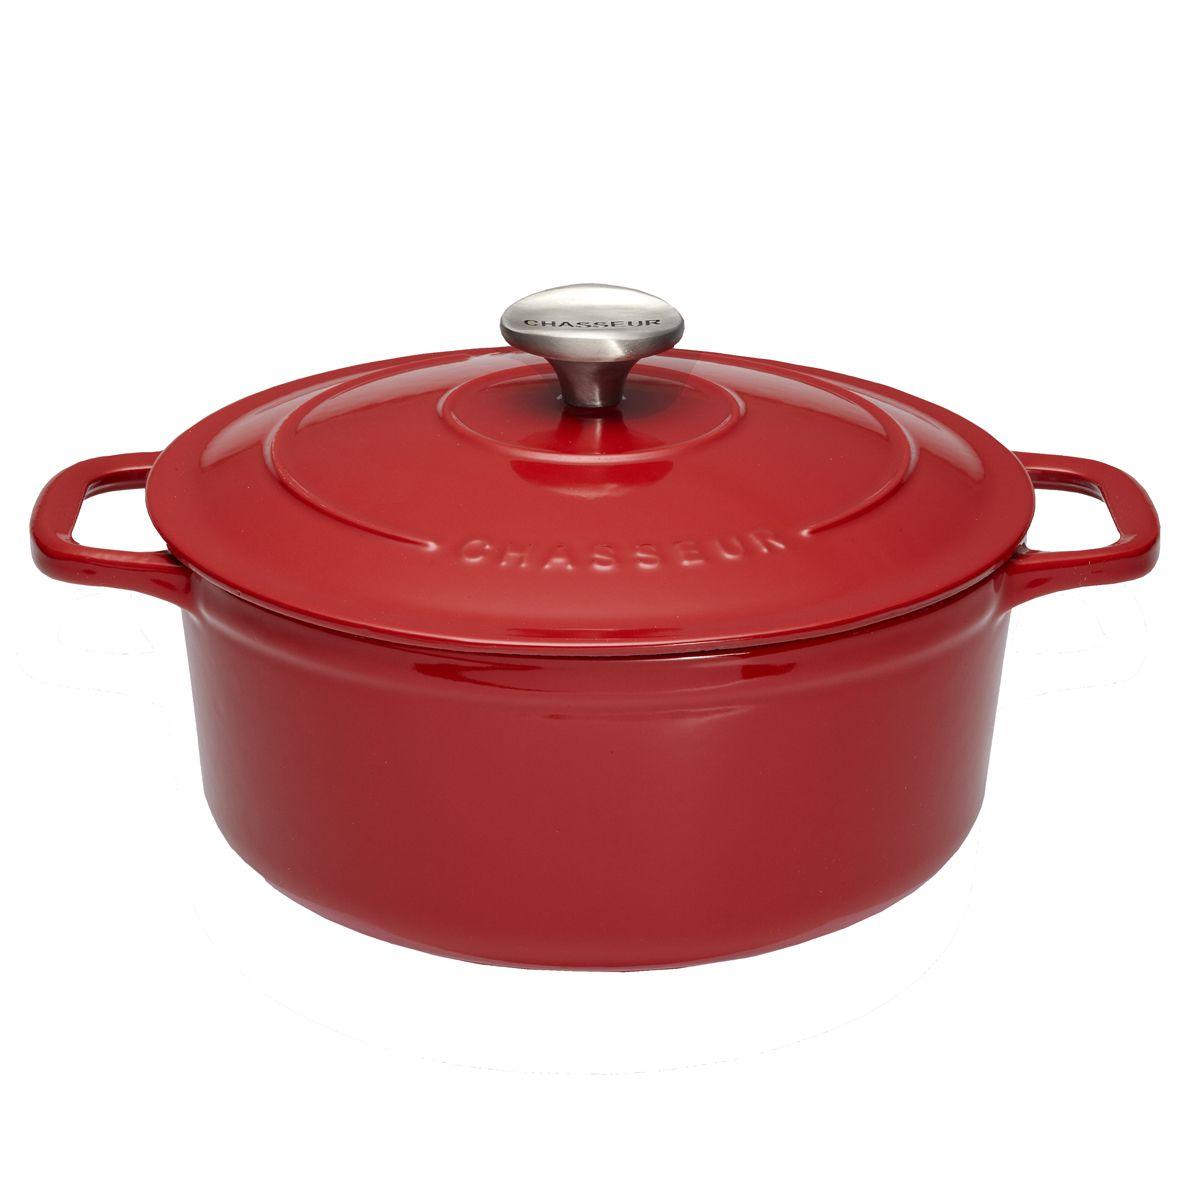 Cocotte en fonte ronde 29 cm 4.2L rouge - Le Chasseur